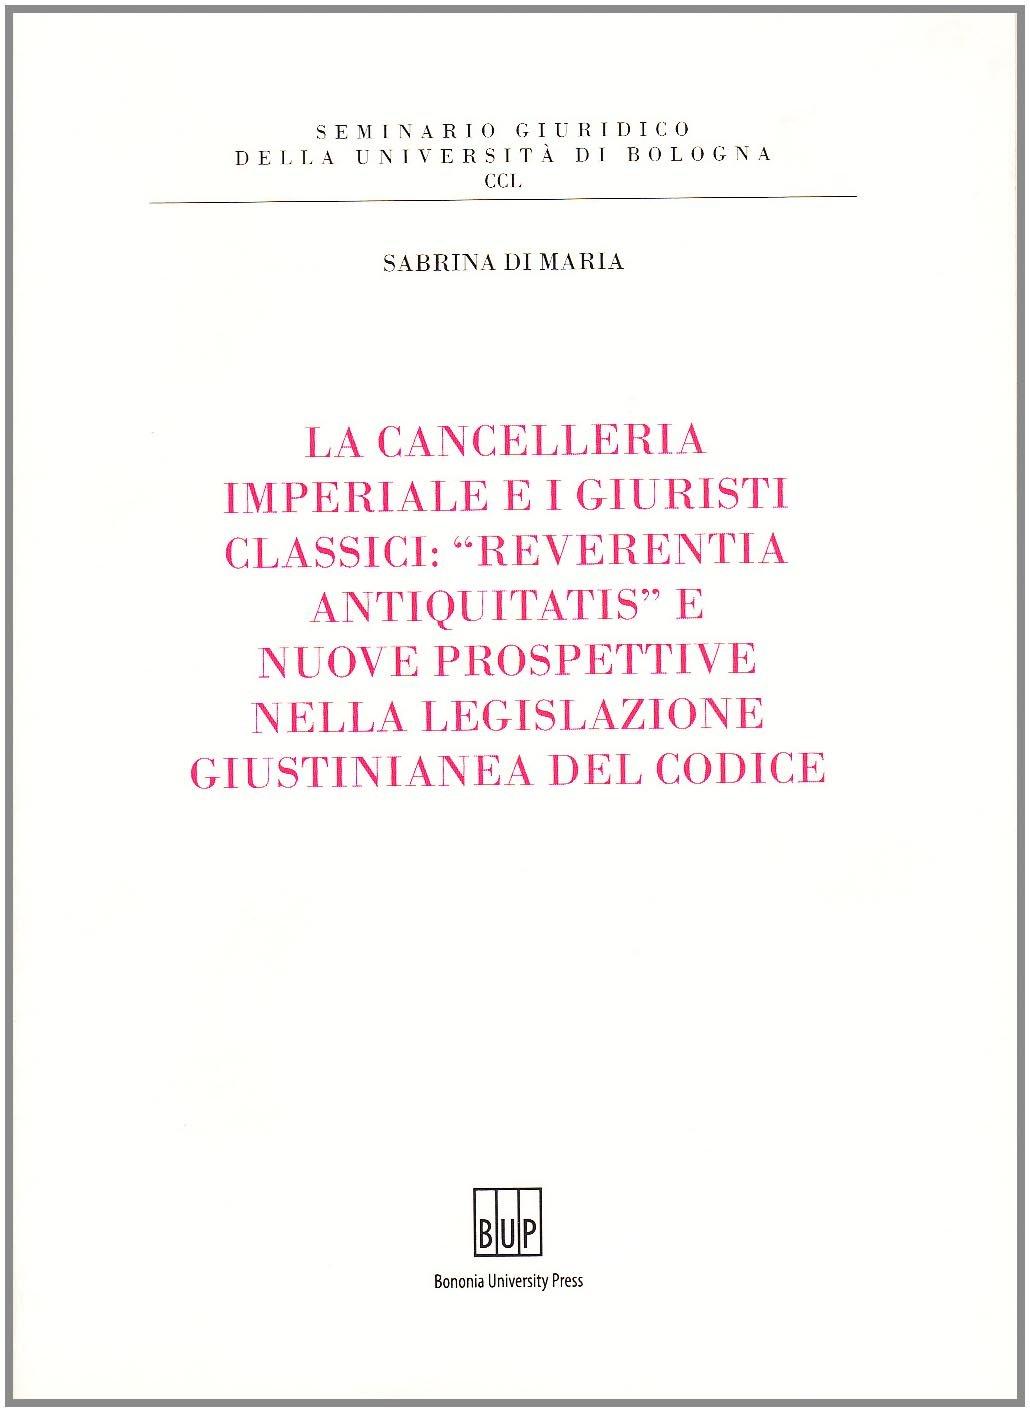 La cancelleria imperiale e i giuristi classici: «reverentia antiquitatis» e nuove prospettive nella legislazione giustinianea del codice - Bononia University Press